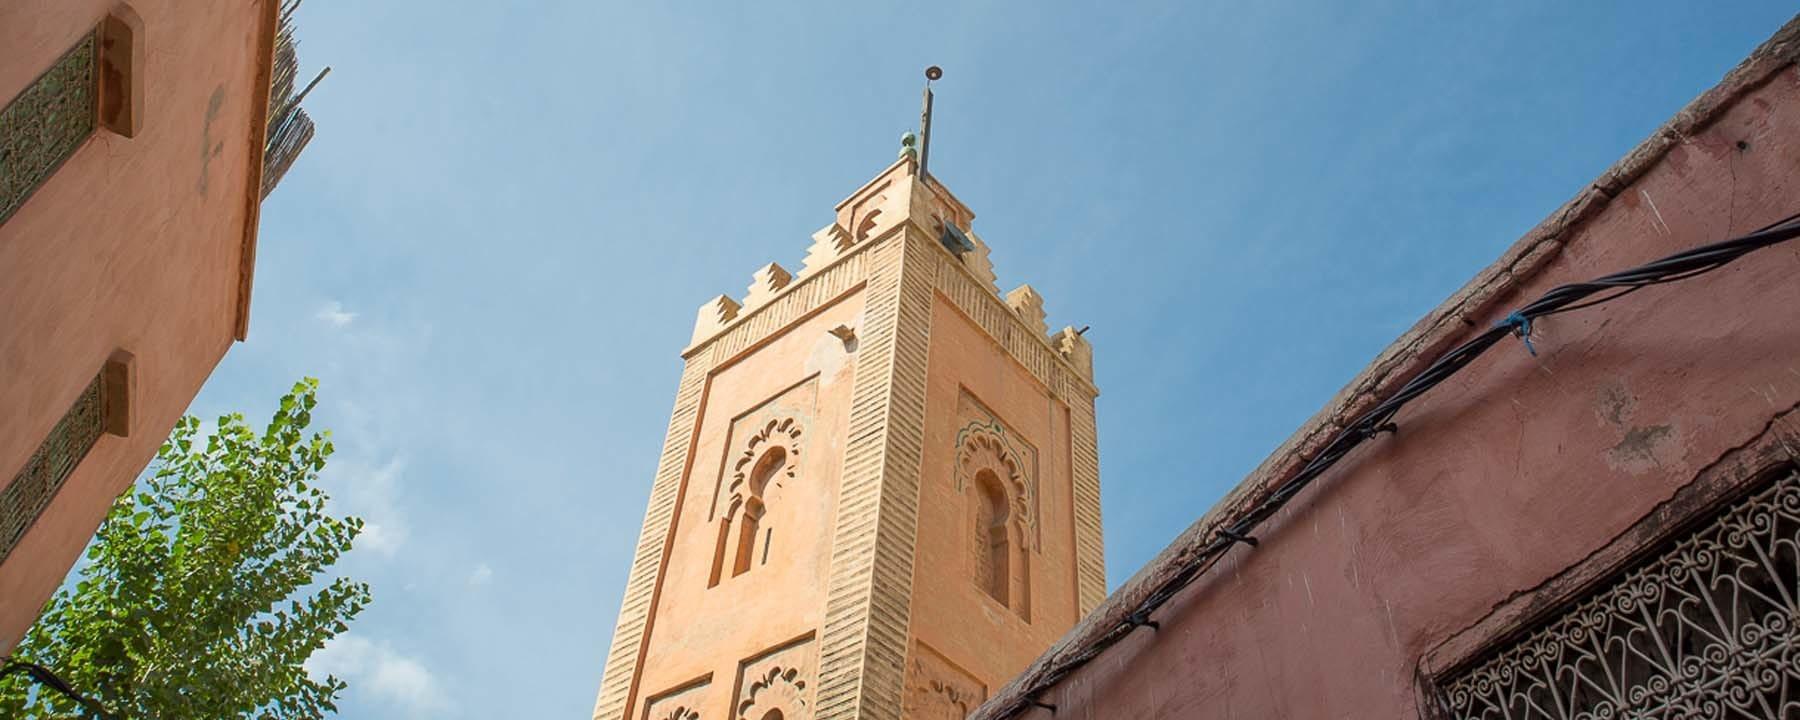 6 Dinge die man in Marrakesch erleben sollte_Source Katbuzz for NOSADE